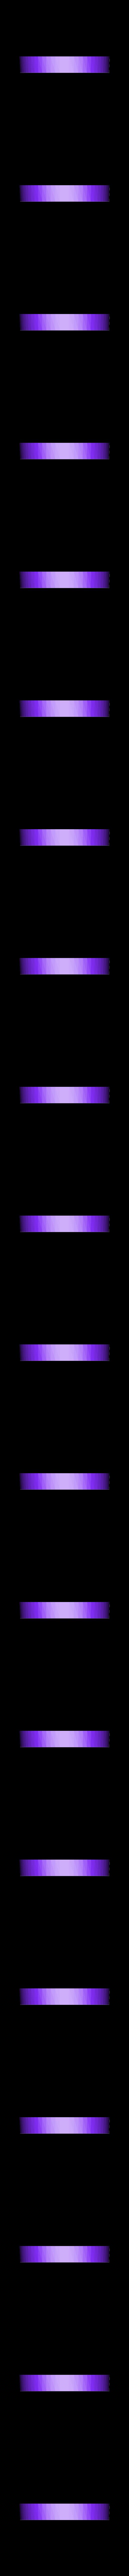 Ear_Extension.STL Télécharger fichier STL gratuit Casque de disco • Objet pour imprimante 3D, Electromaker_Kits